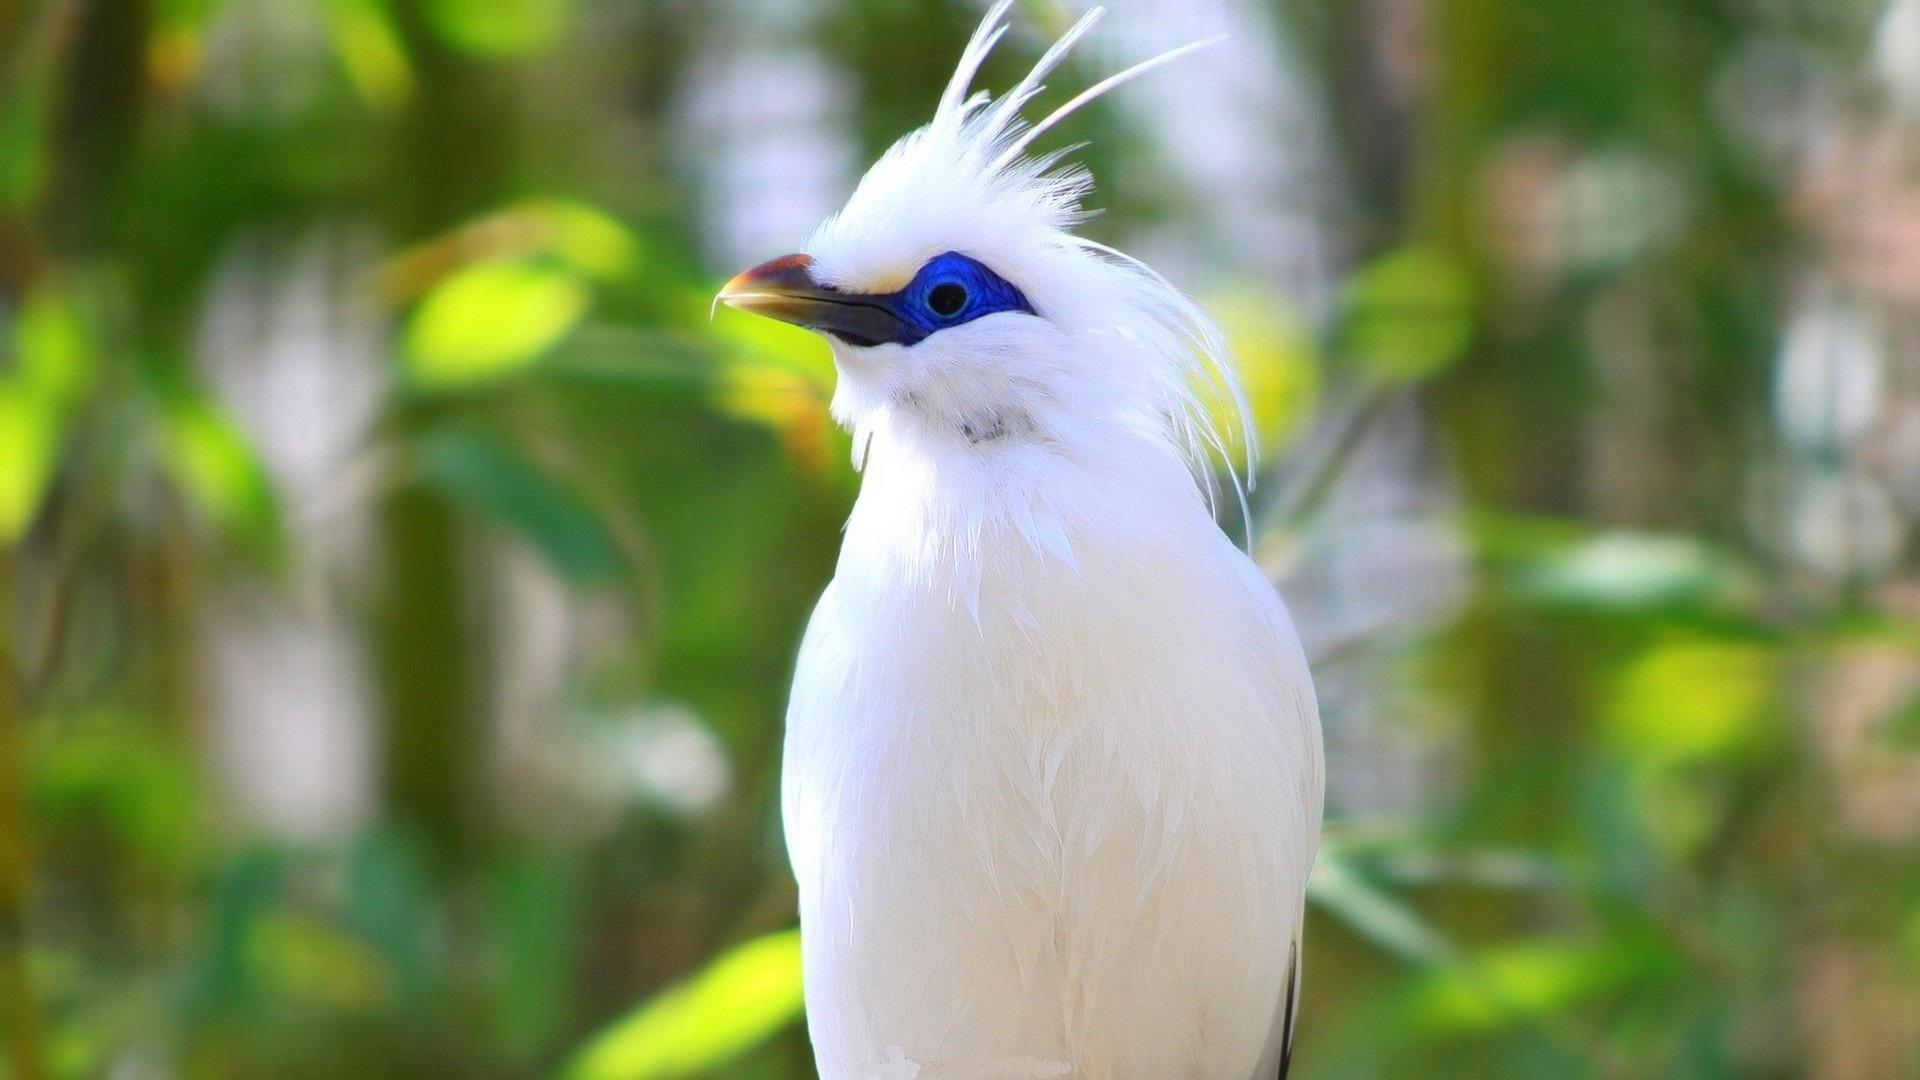 بالصور اجمل الطيور في العالم , تعرف علي اجمل واروع اشكال الطيور 3467 3